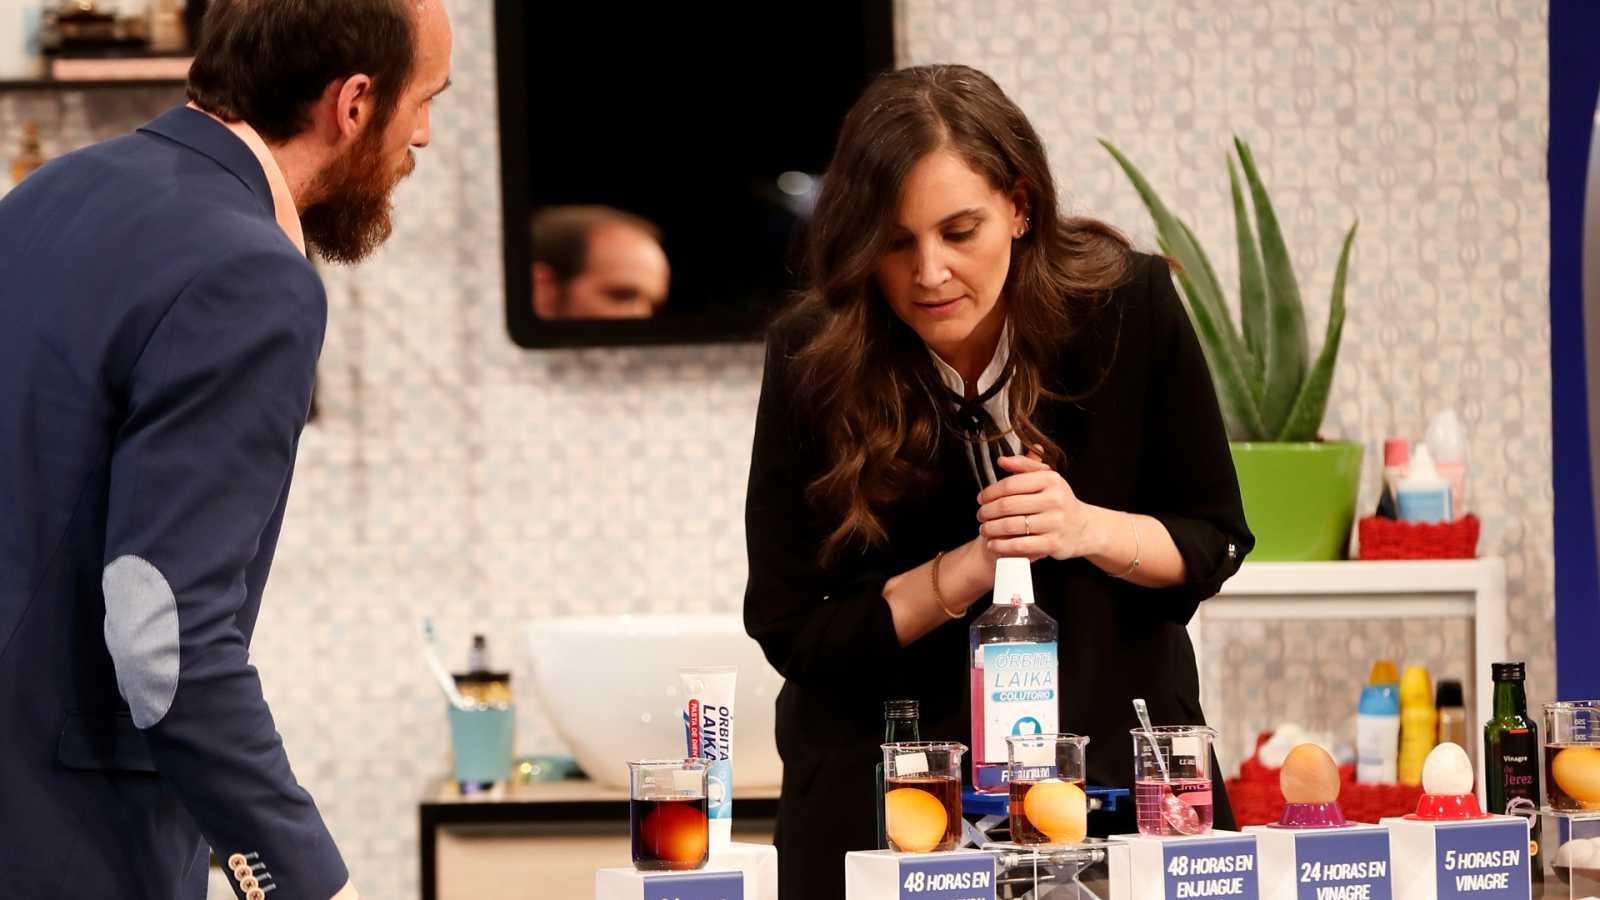 Órbita Laika - Farmacia y Nutrición con Marián García - El flúor